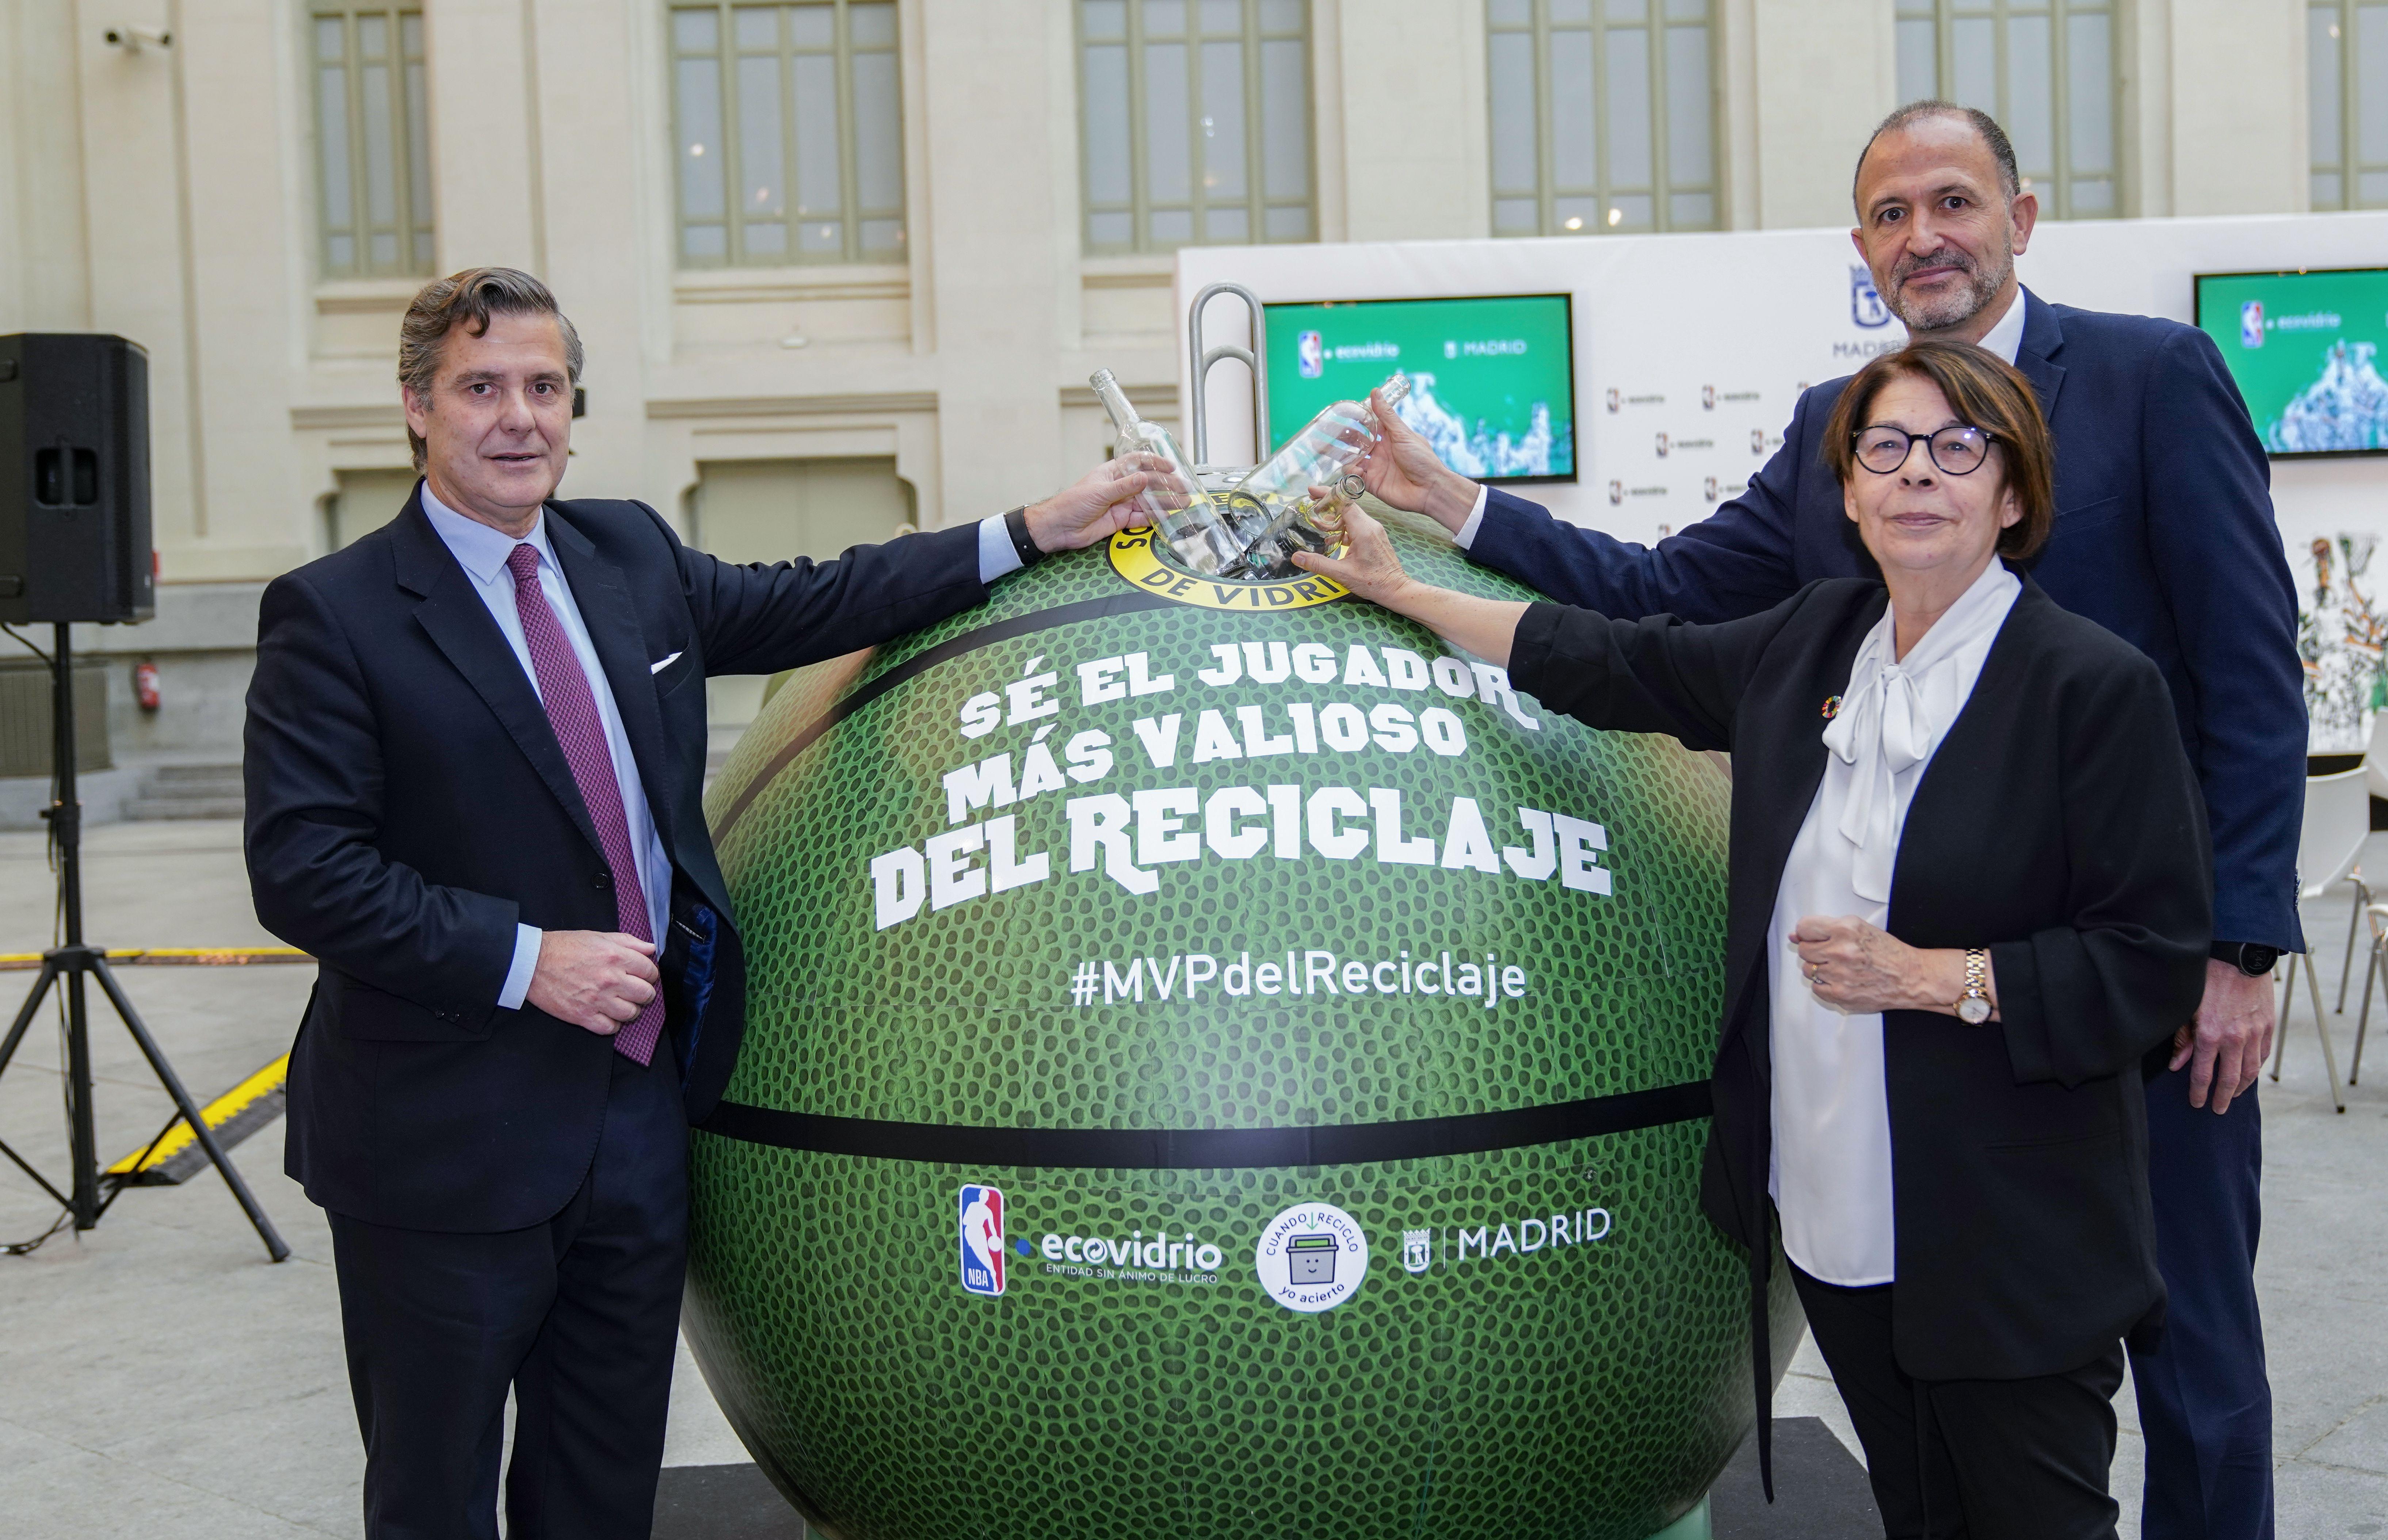 Baloncesto ecológico y campaña de concienciación - Contenedor pelota de baloncesto